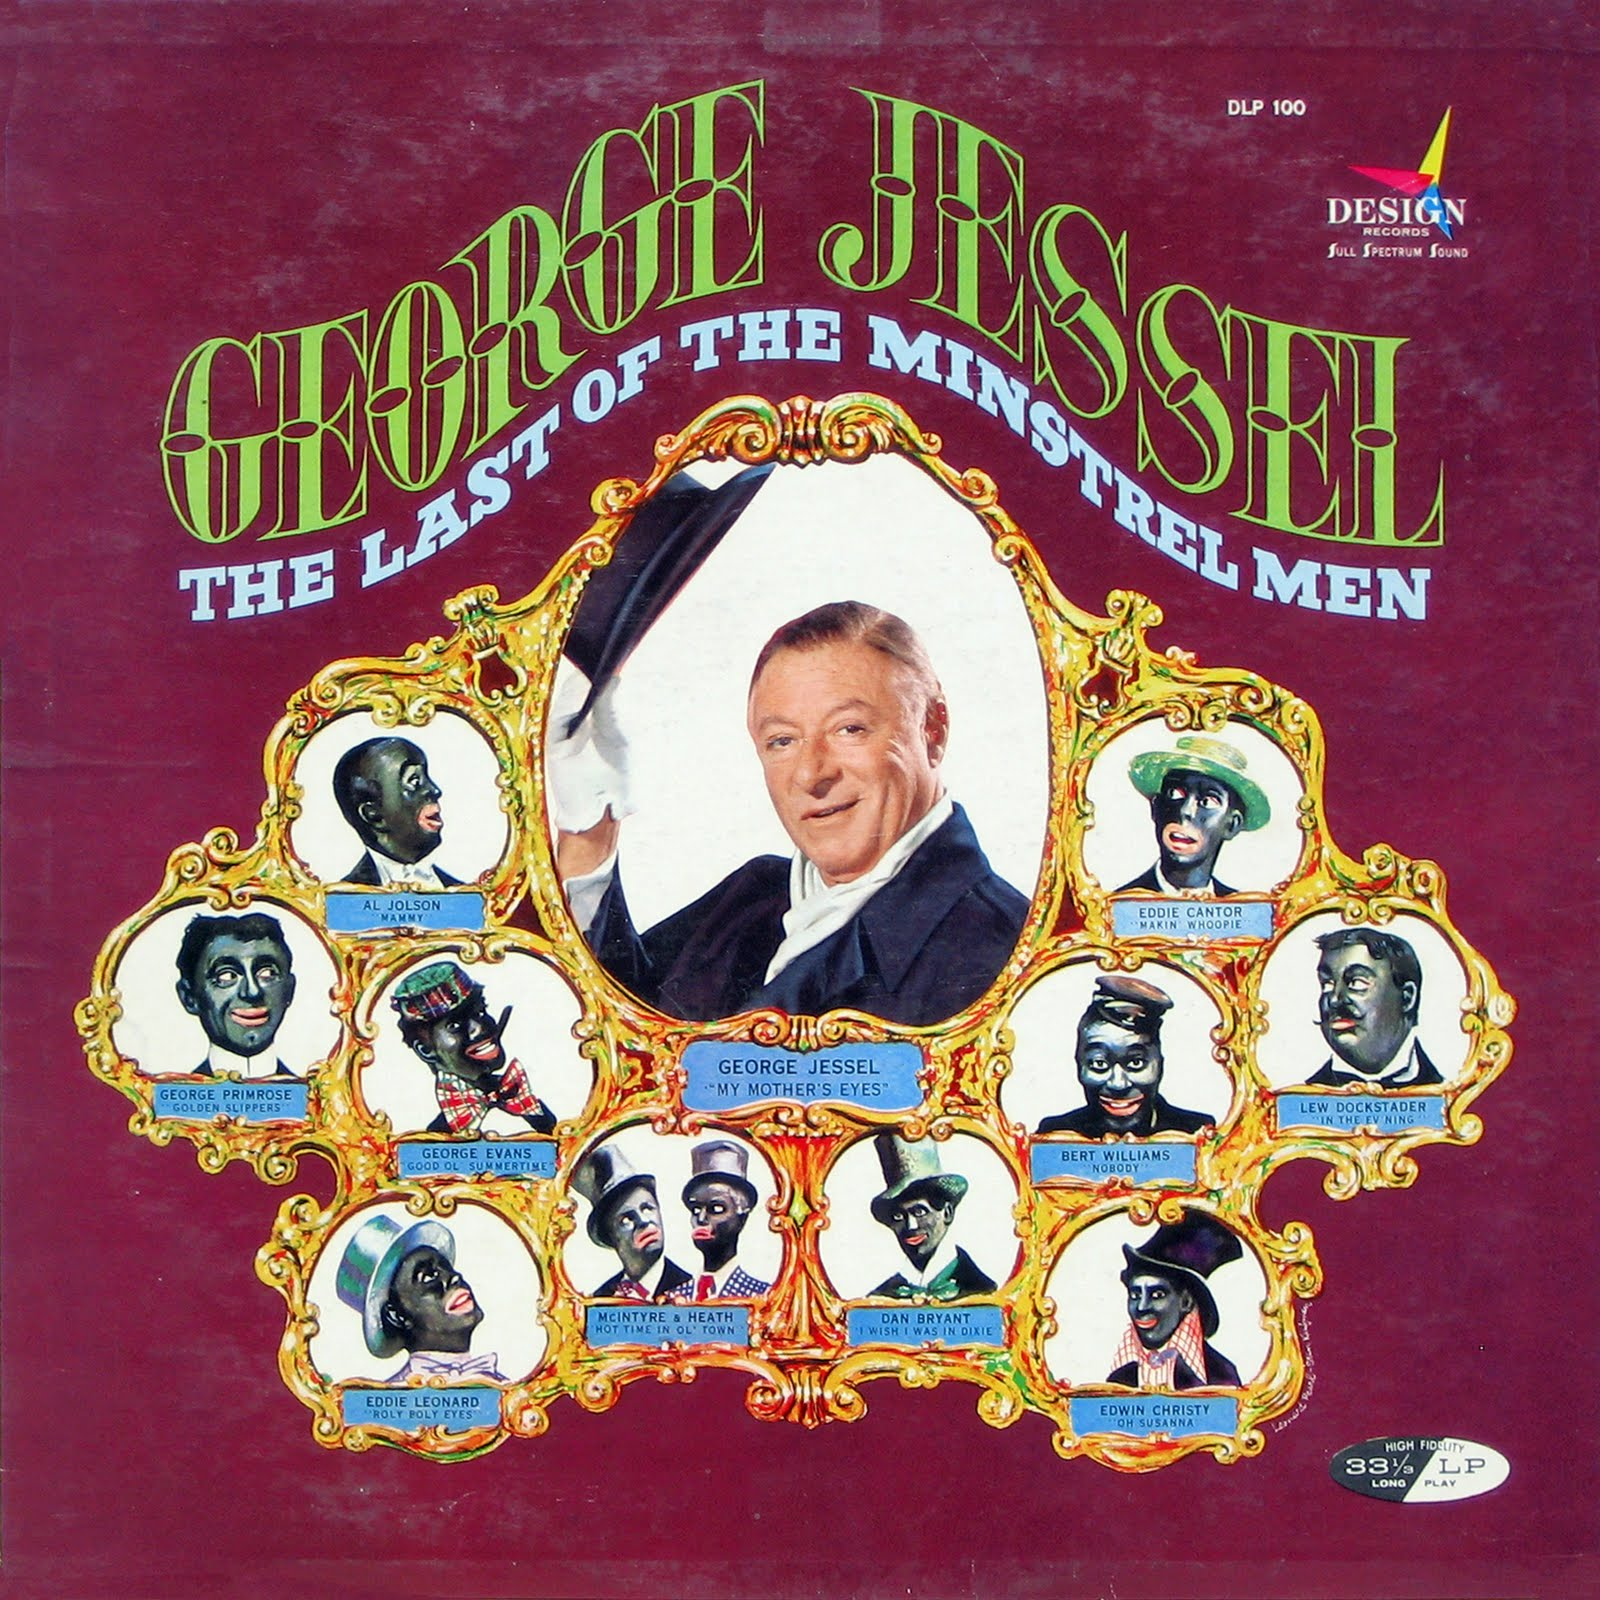 http://1.bp.blogspot.com/-Hld2KbuxKuc/TgXqtjsF2LI/AAAAAAAAOaM/pleiv8Mw2tk/s1600/Georgie+Jessel+-+Last+of+the+Minstrel+Men+1959.jpg